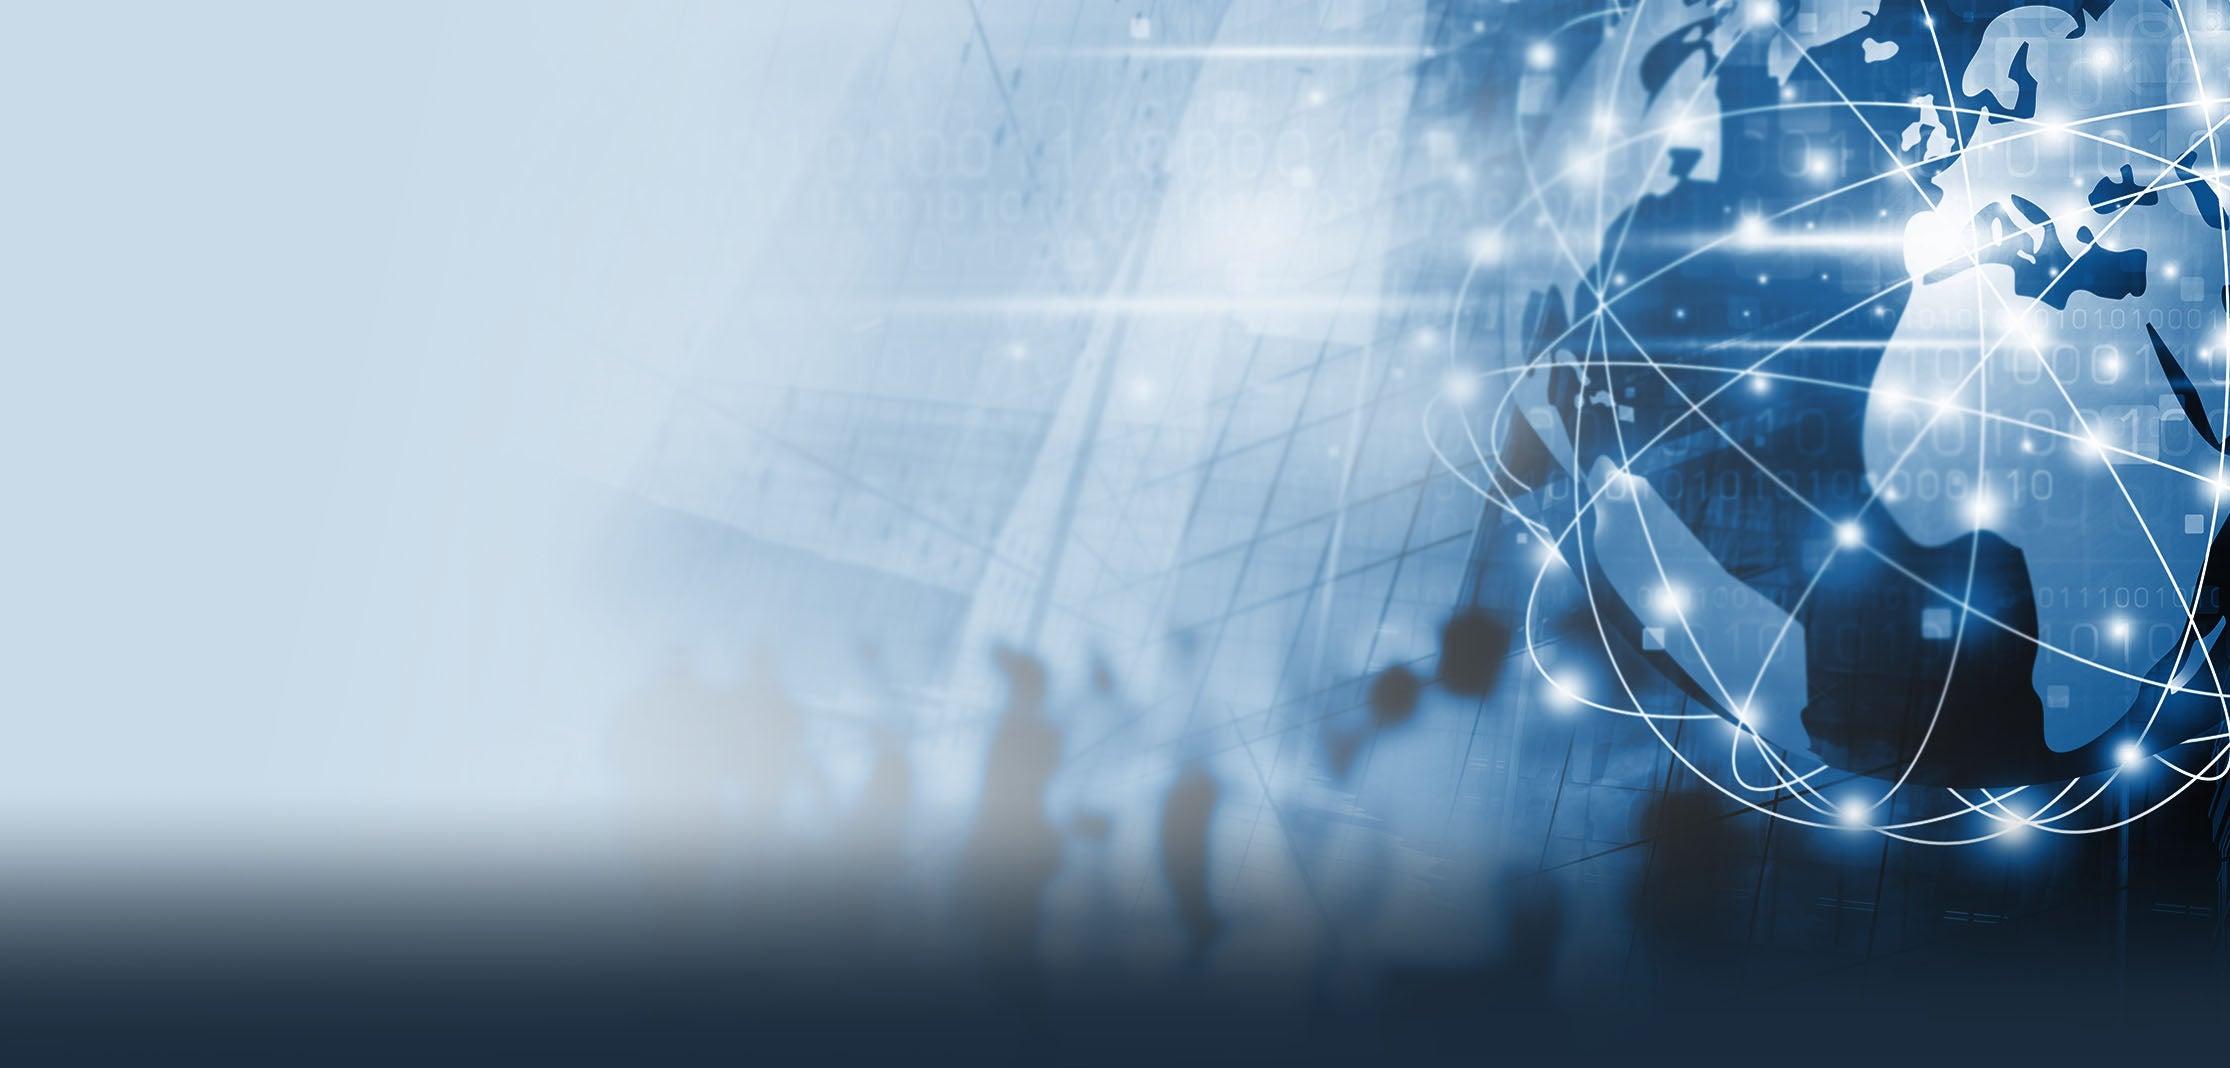 Comment choisir sa plateforme de trading en ligne ?